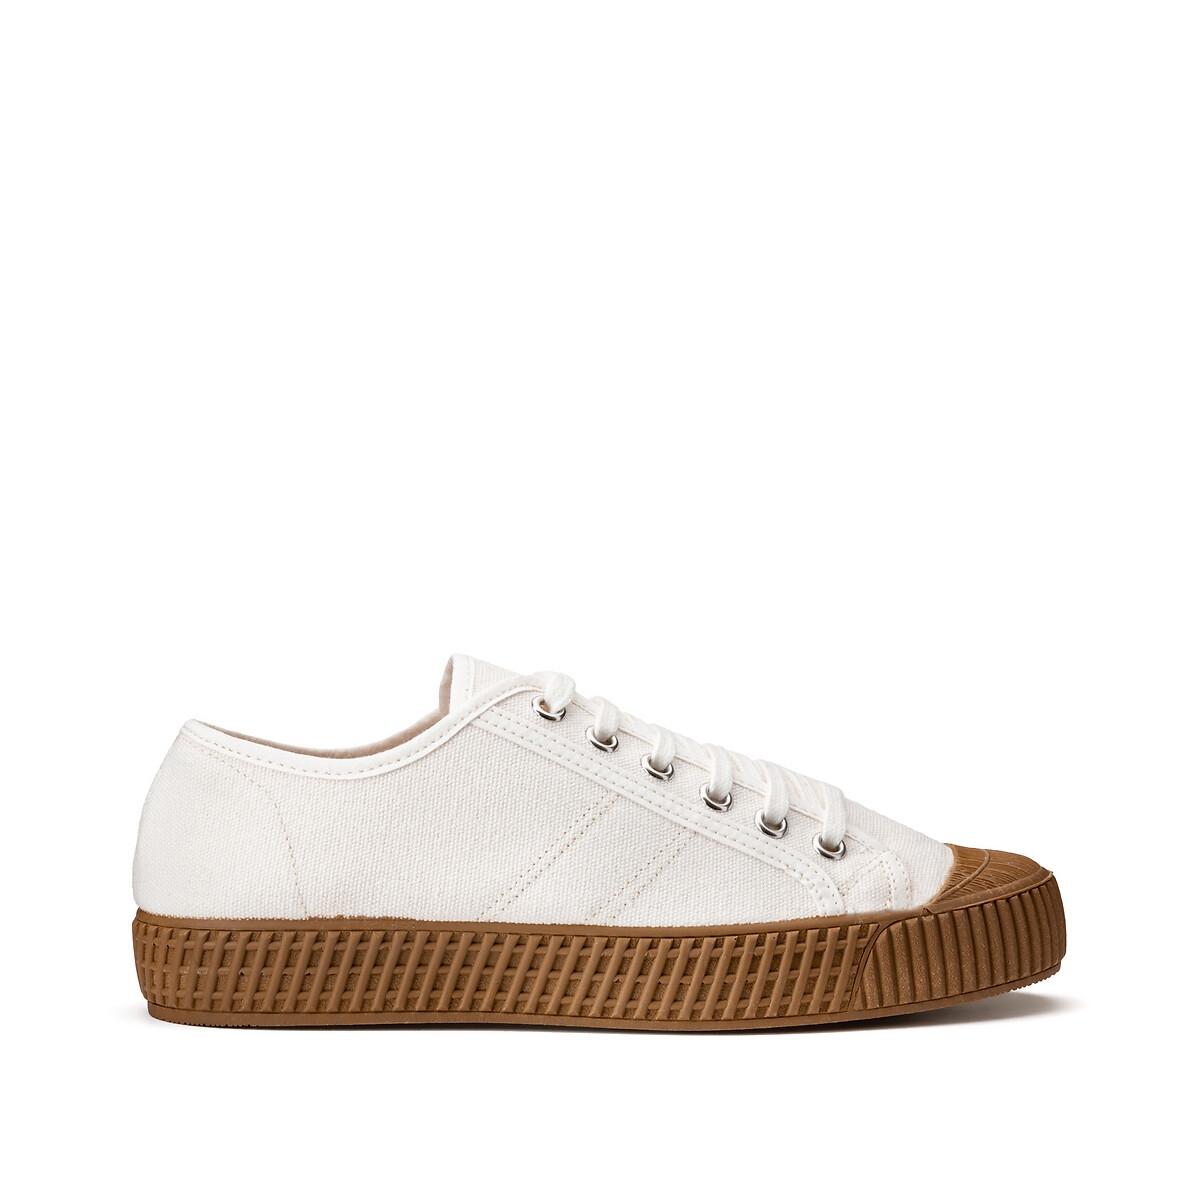 кеды низкие на шнуровке из спилка Кеды LaRedoute Высокие тканевые на шнуровке 37 белый